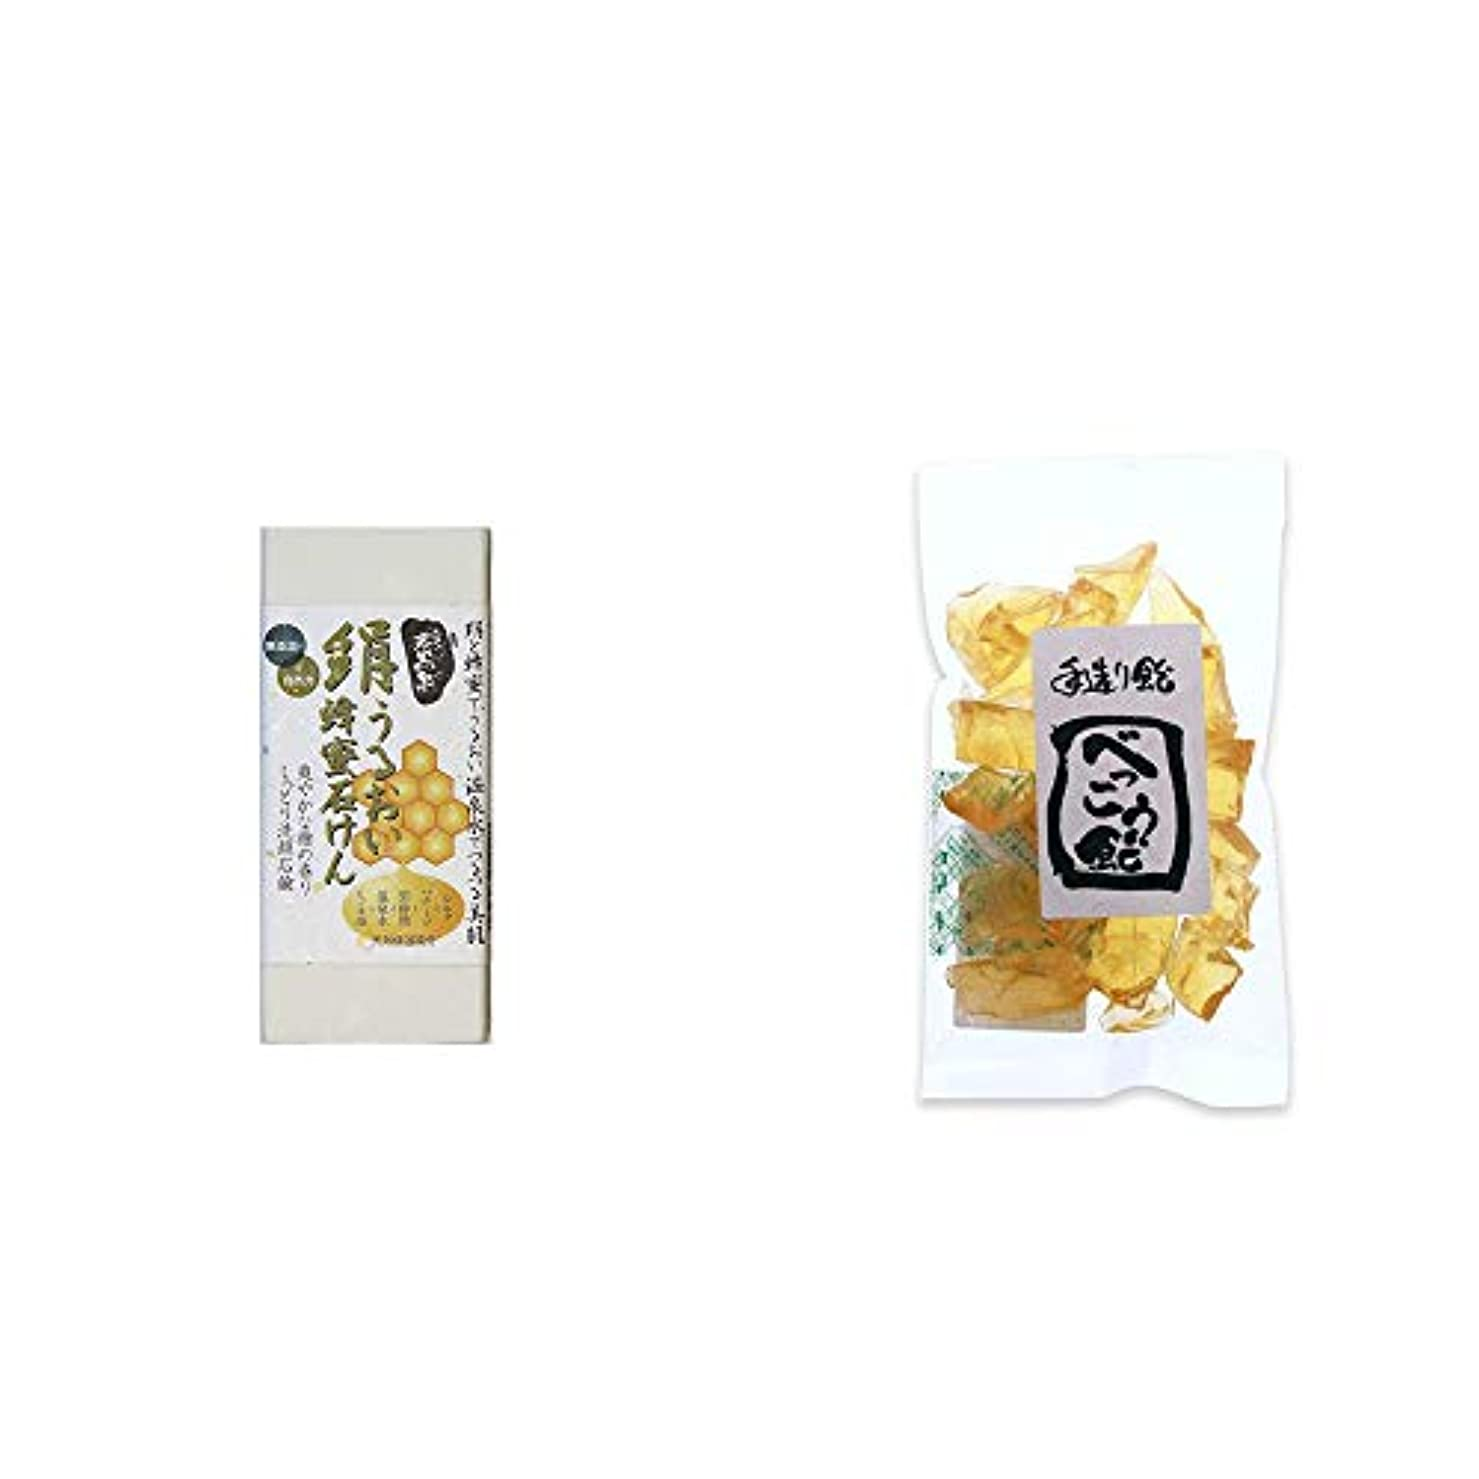 待つ第二に家畜[2点セット] ひのき炭黒泉 絹うるおい蜂蜜石けん(75g×2)?べっこう飴(160g)